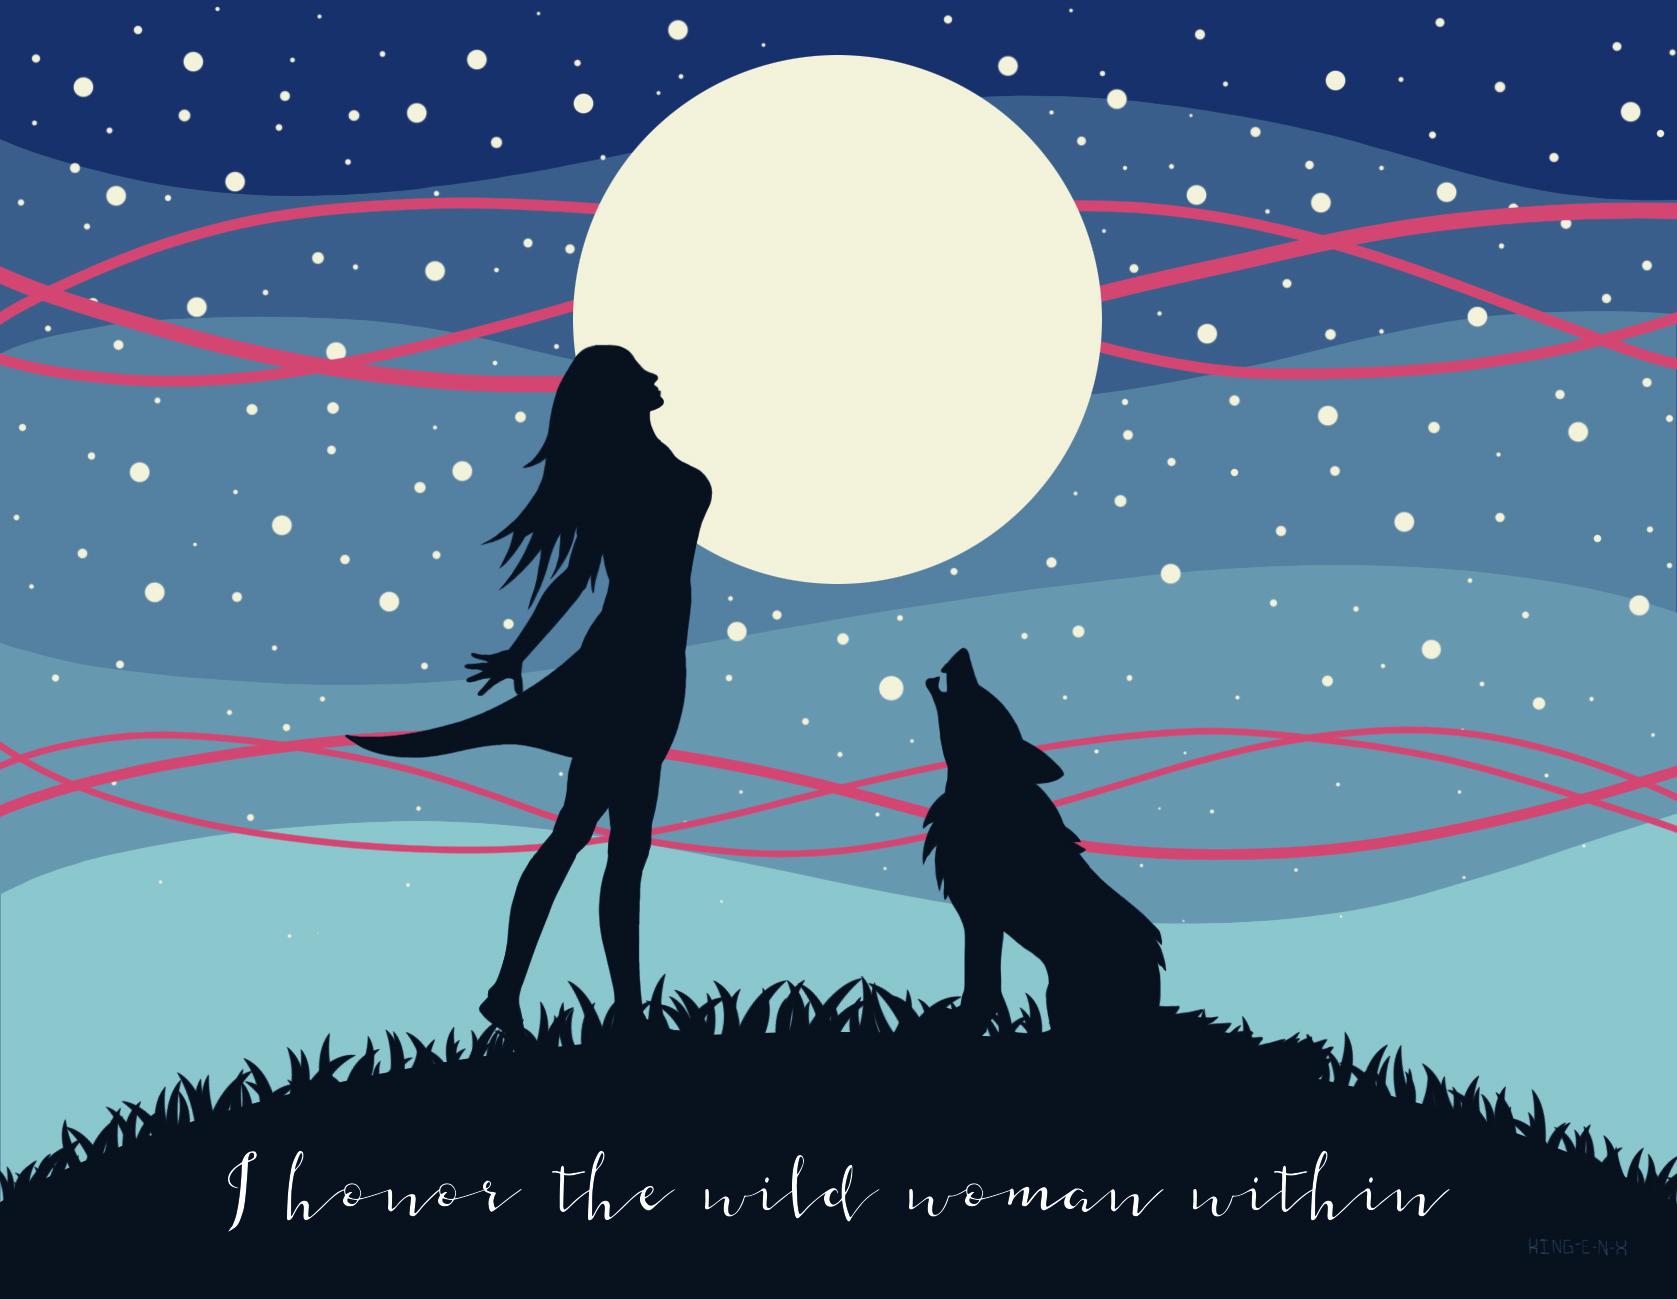 Moon painting_15_2.jpg